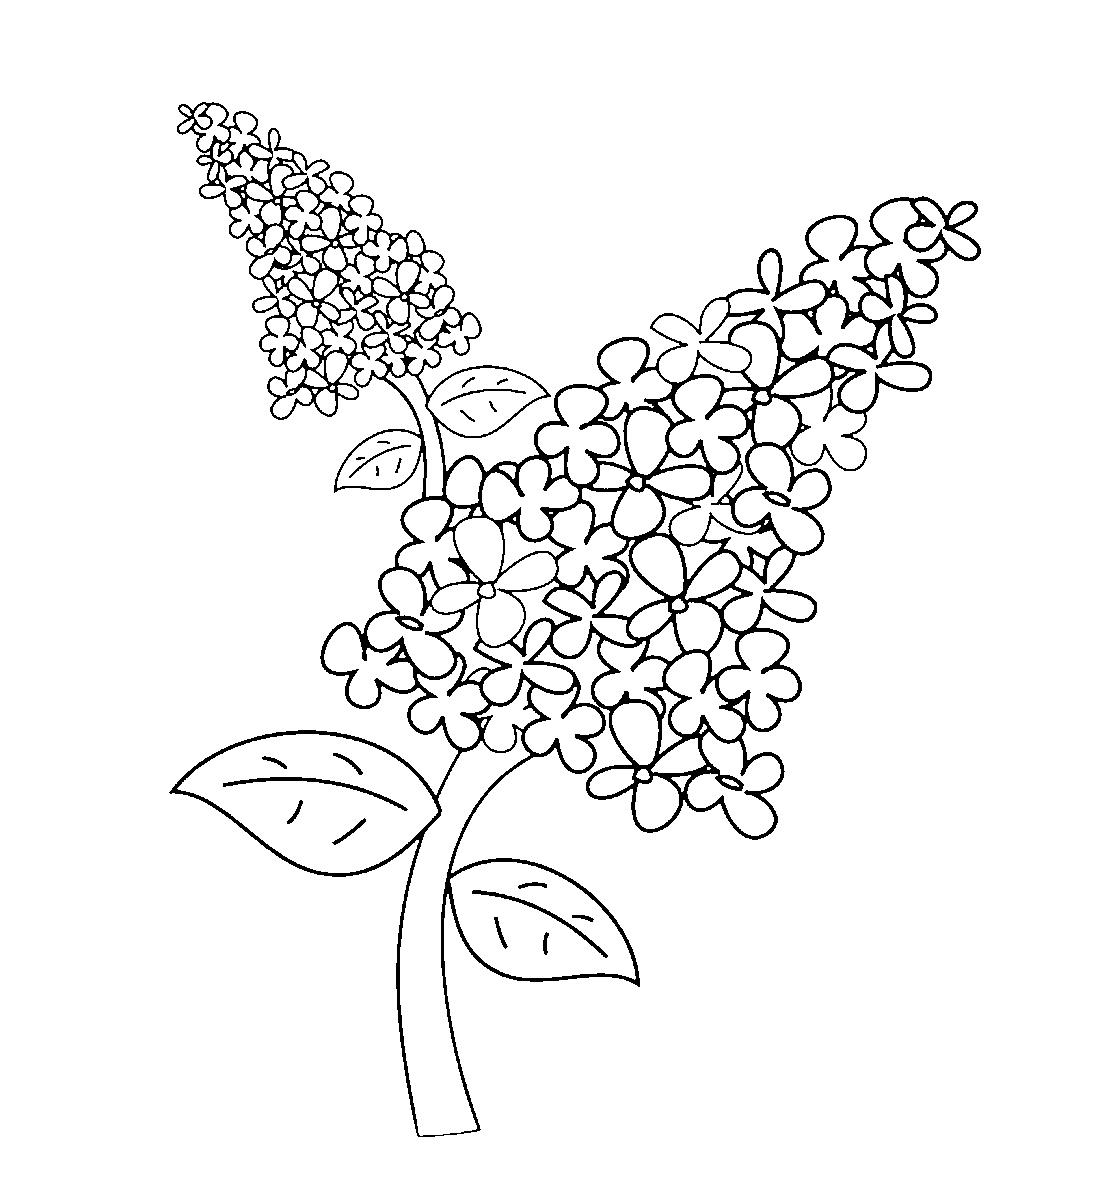 Сиреневые цветы - раскраска №3955 | Printonic.ru